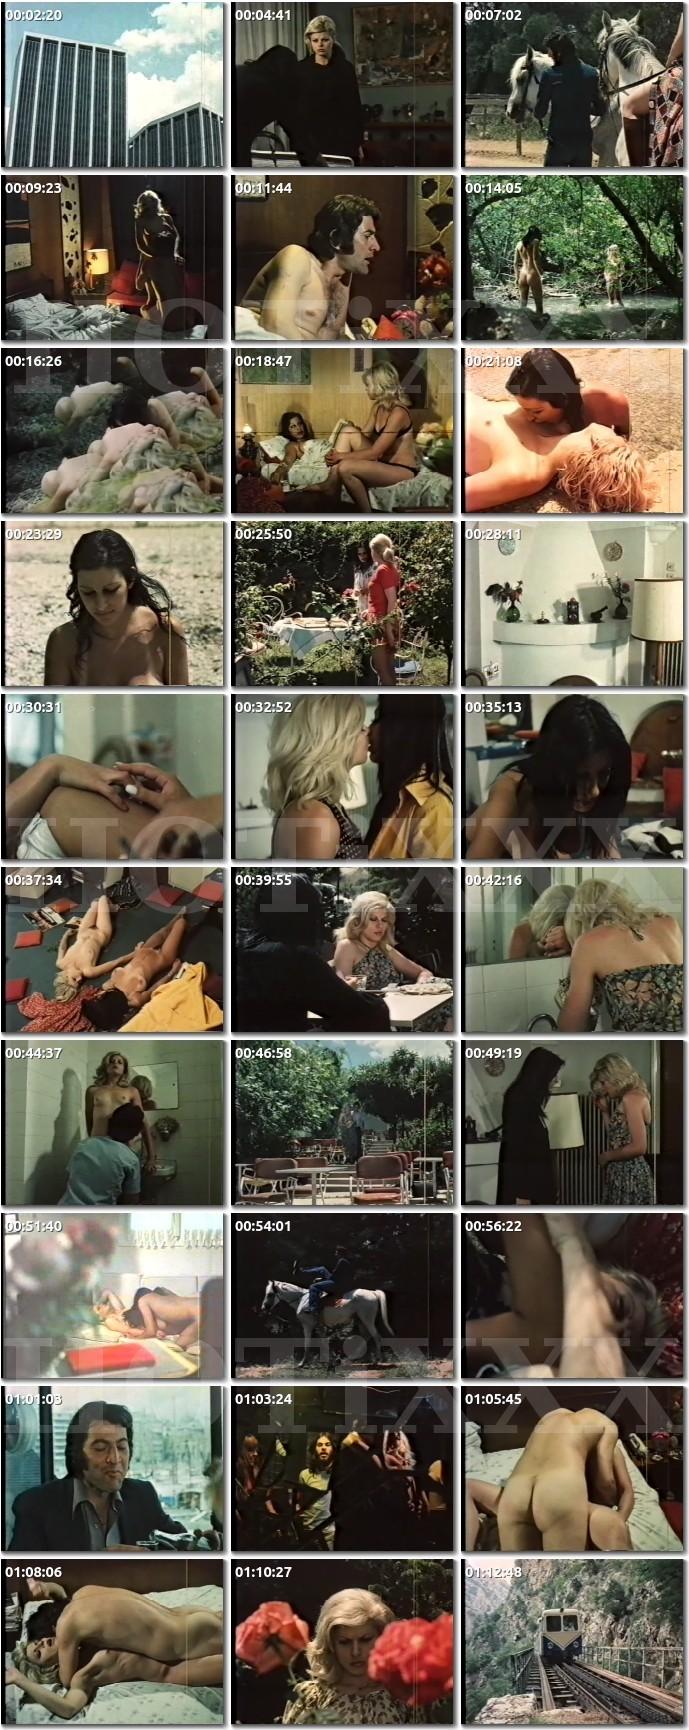 kino-onlayn-erotika-drama